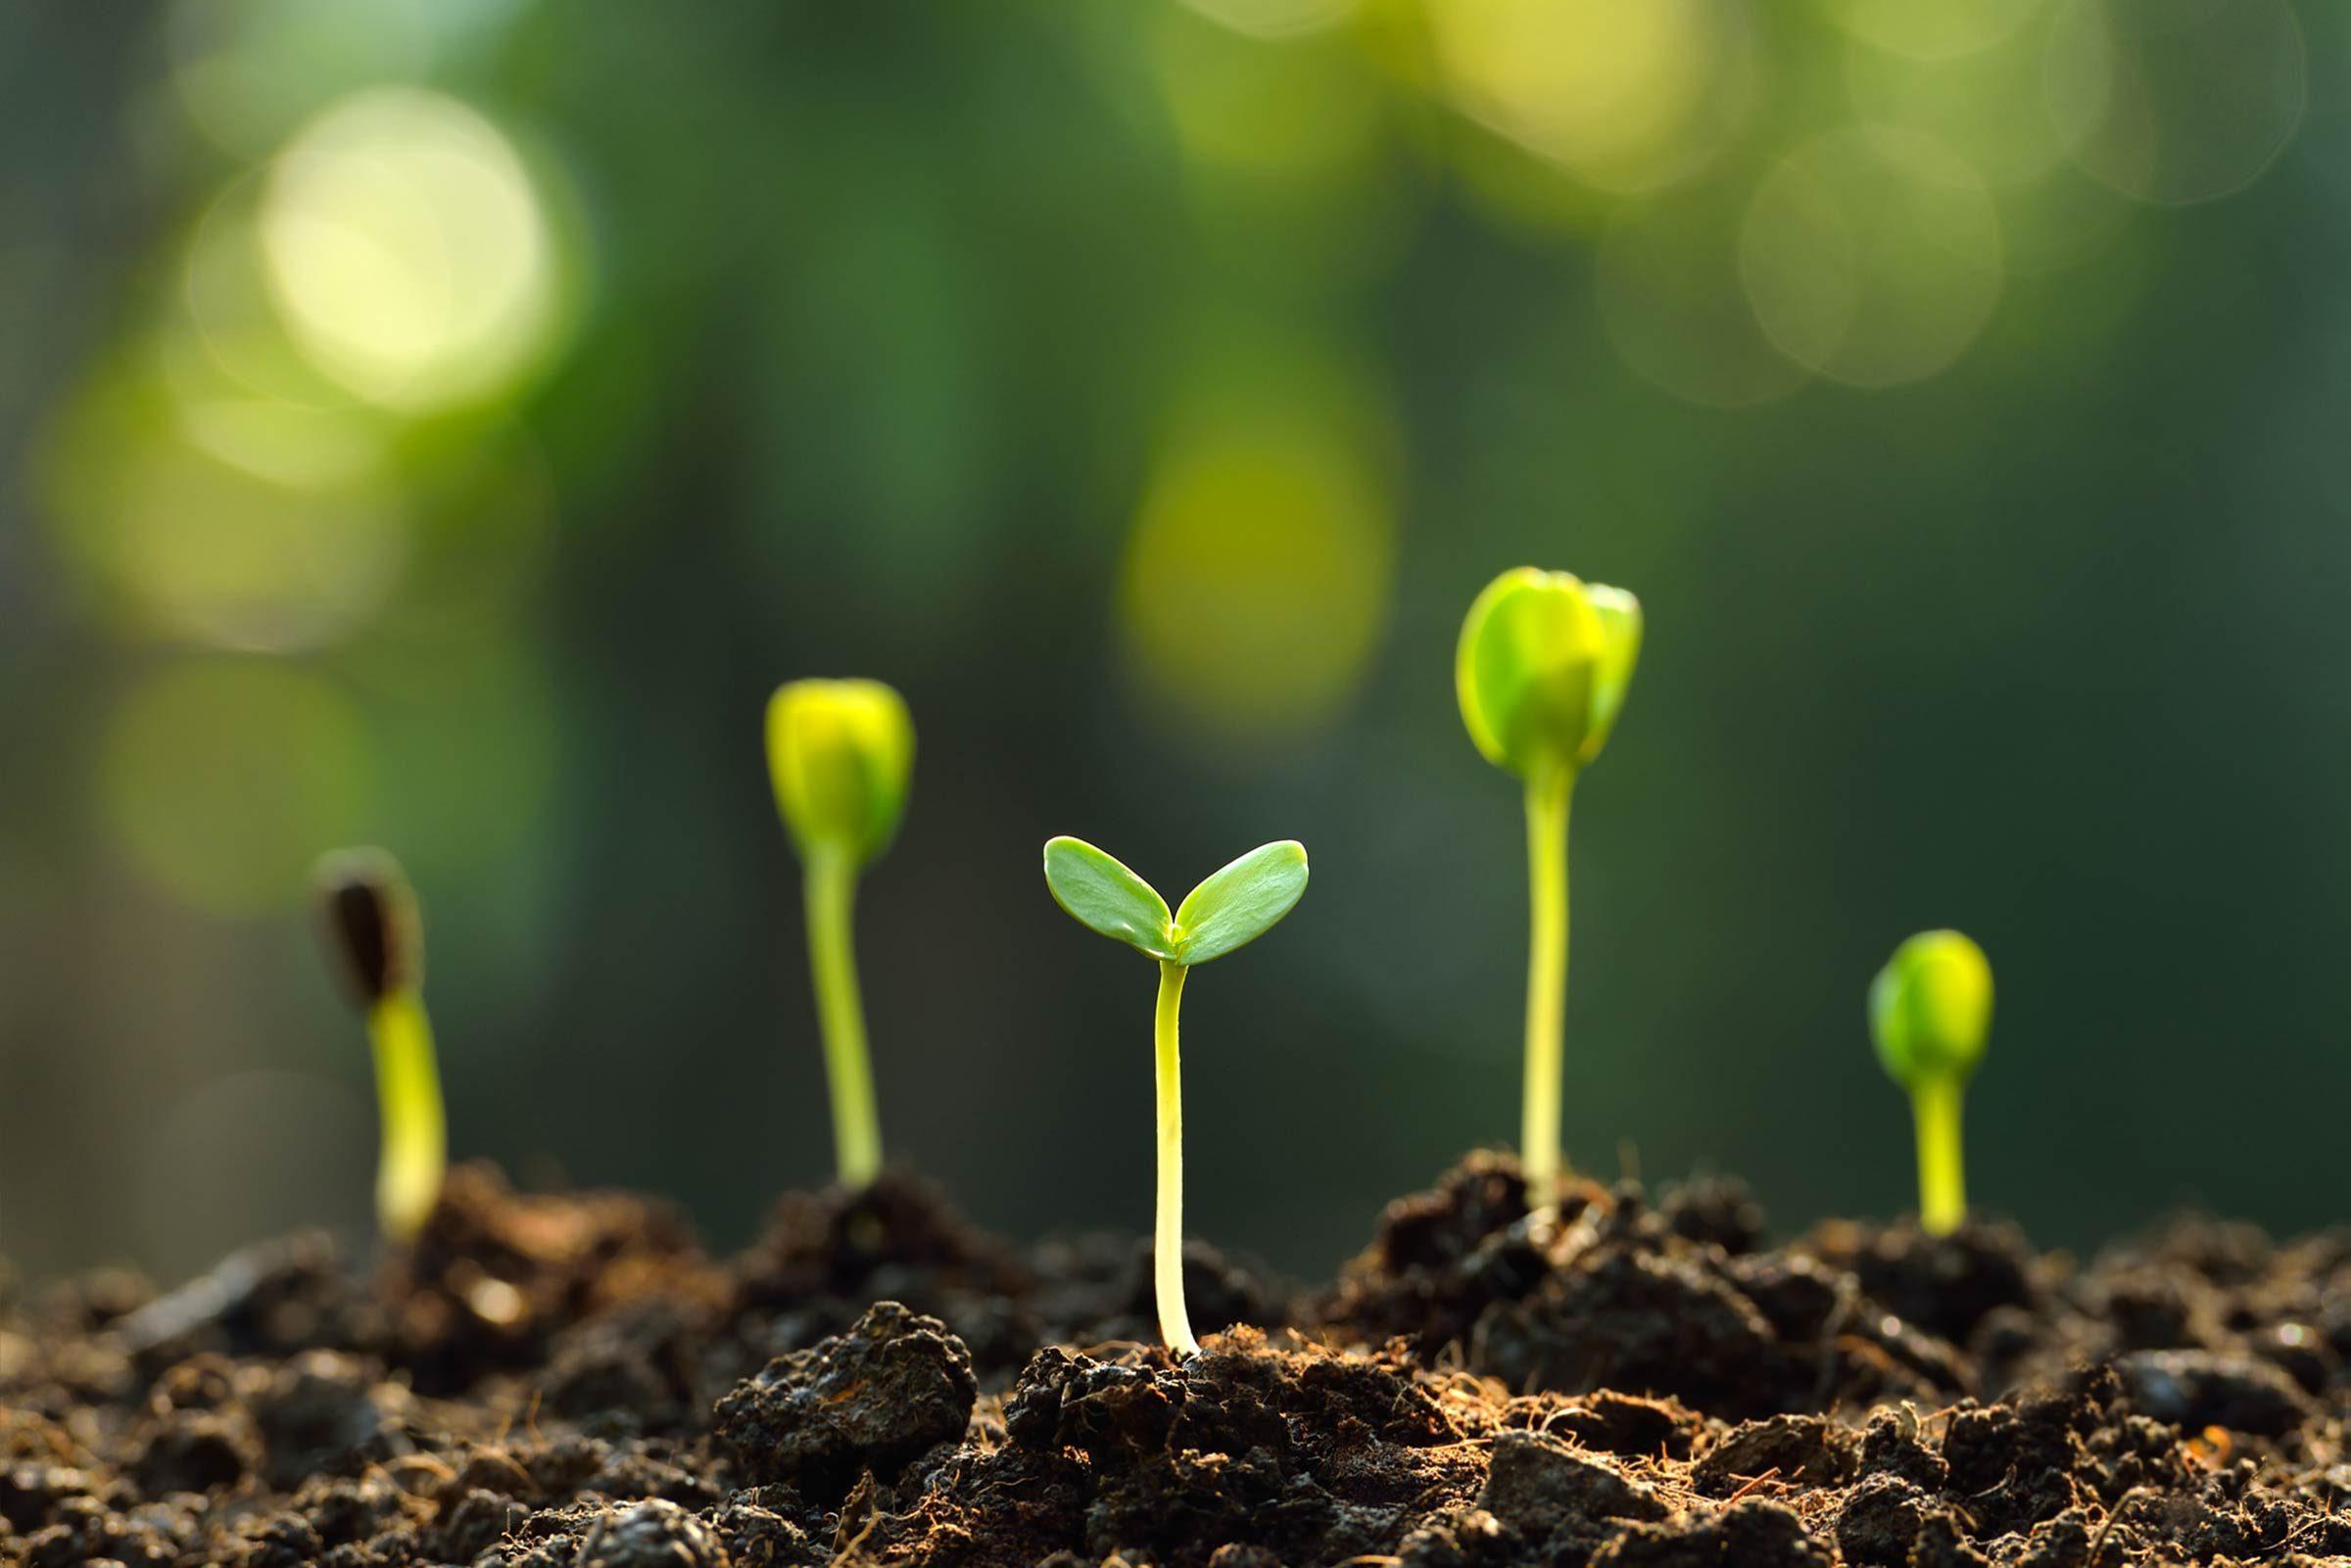 010_Brain_Surprising_Health_benefits_Gardening